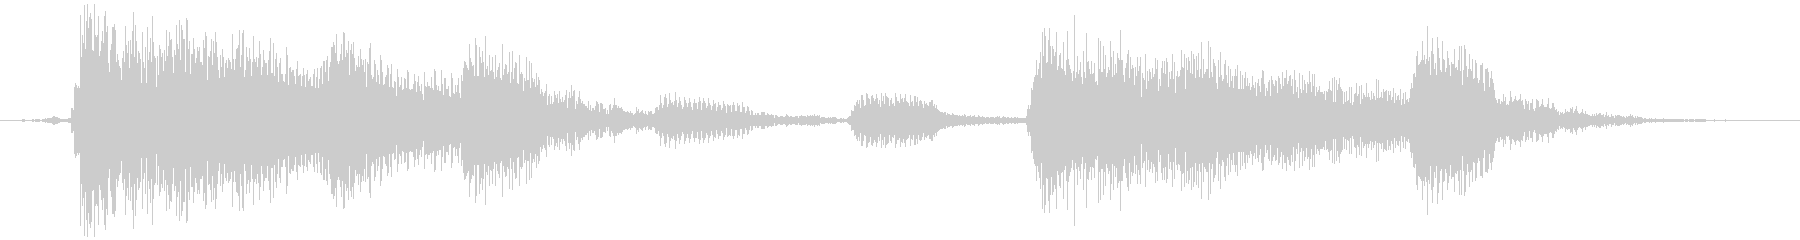 これは5/4拍子記号のラテンバイブ...の未再生の波形